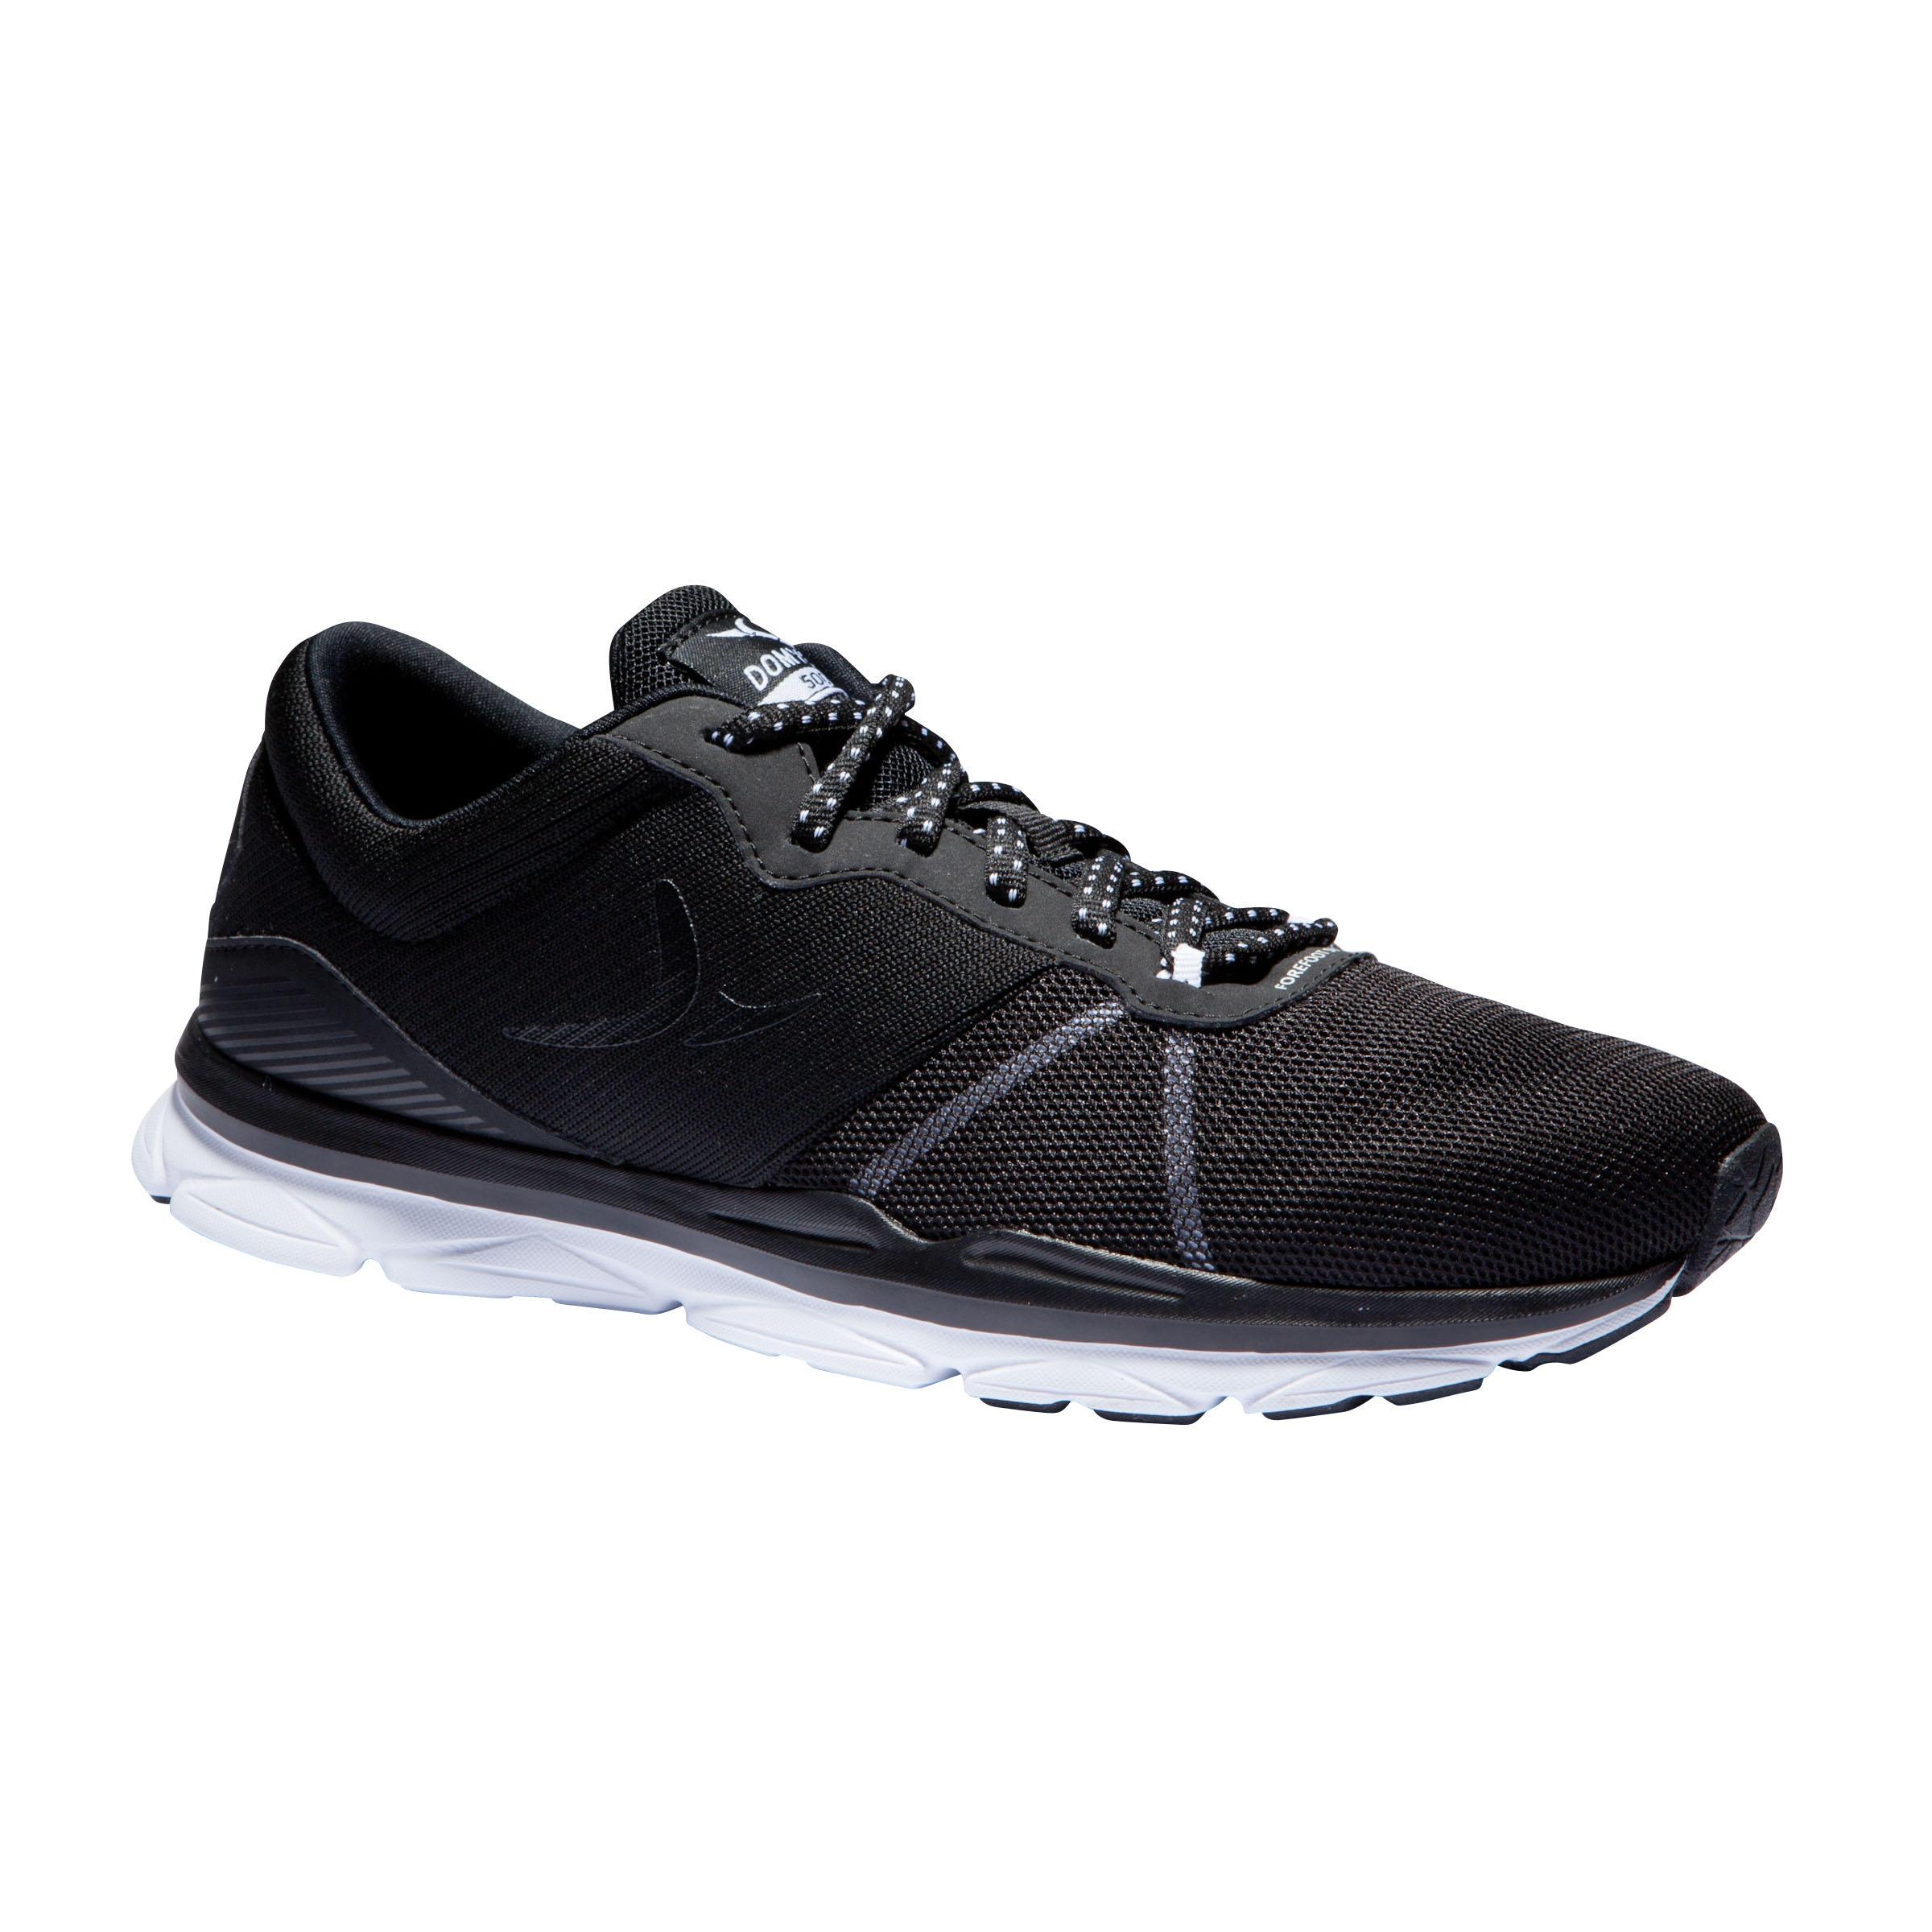 cheap for discount 4c3b3 8b750 Domyos fitness schoenen fitness schoenen cardiotraining 500 voor dames.  wij, echte fitnessfanaten, .